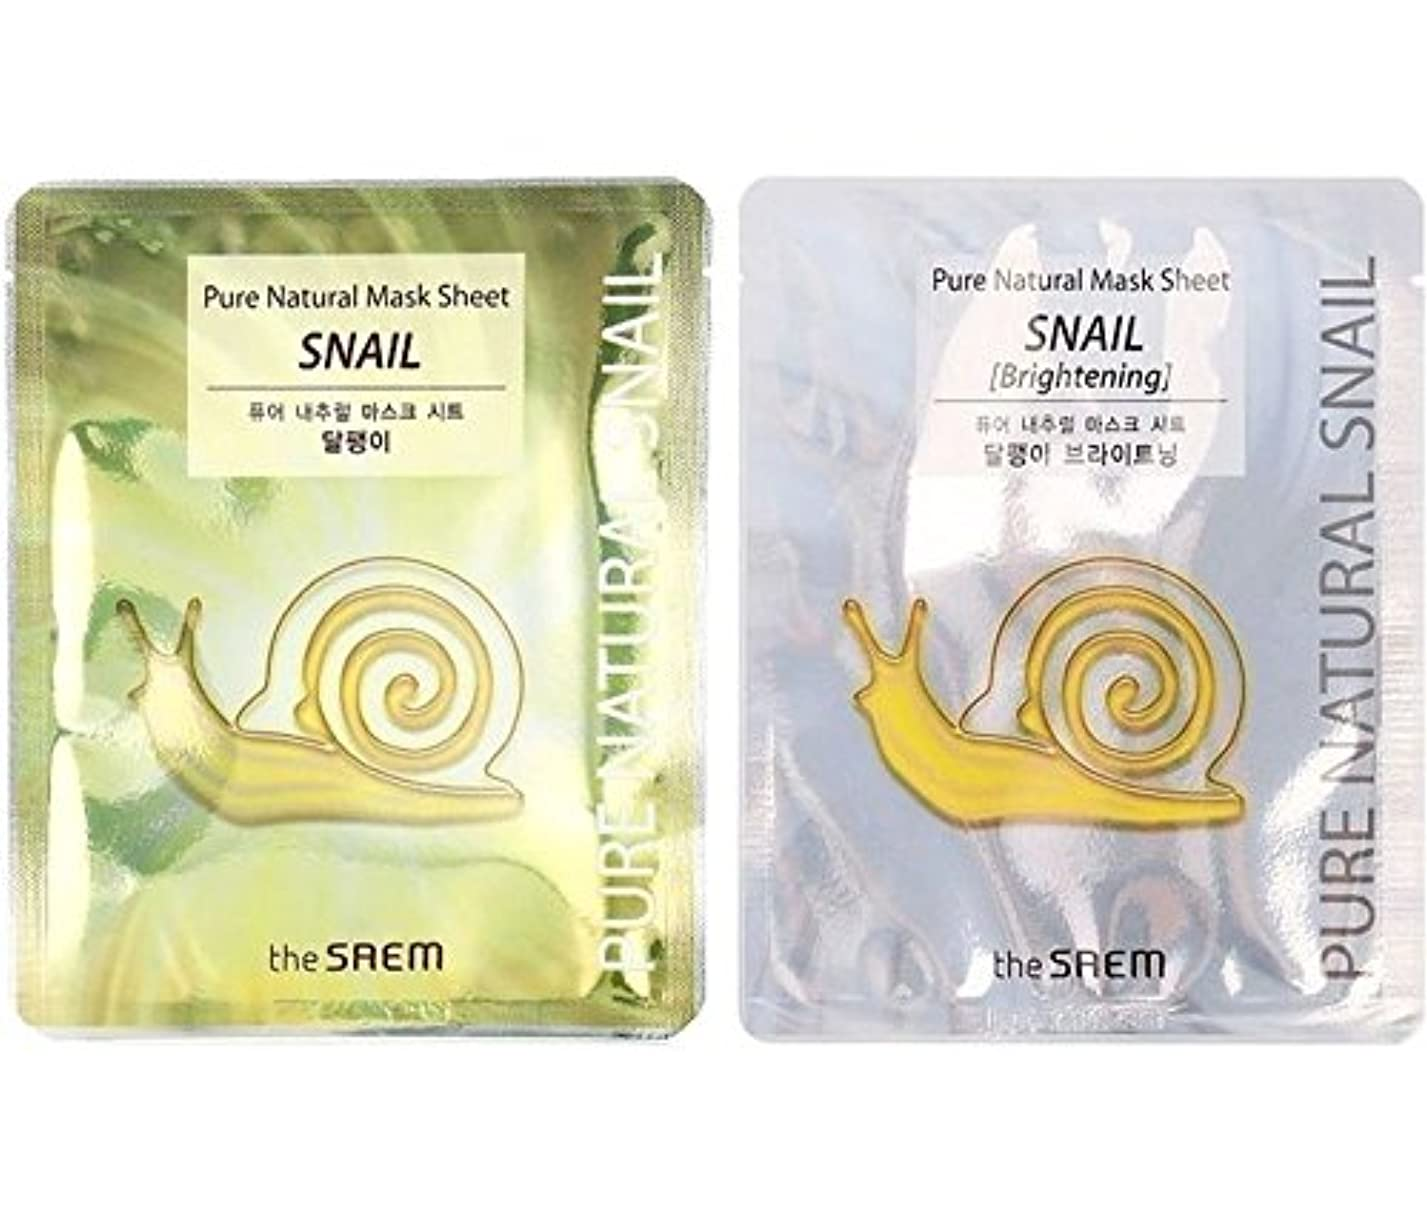 五十まろやかな自信がある(ザセム) The Saem 韓国マスクパックカタツムリ20枚セット(10+10) ピュアナチュラルマスクシートスネイルブライトニング Pure Natural Mask Sheet Snail Brightening...